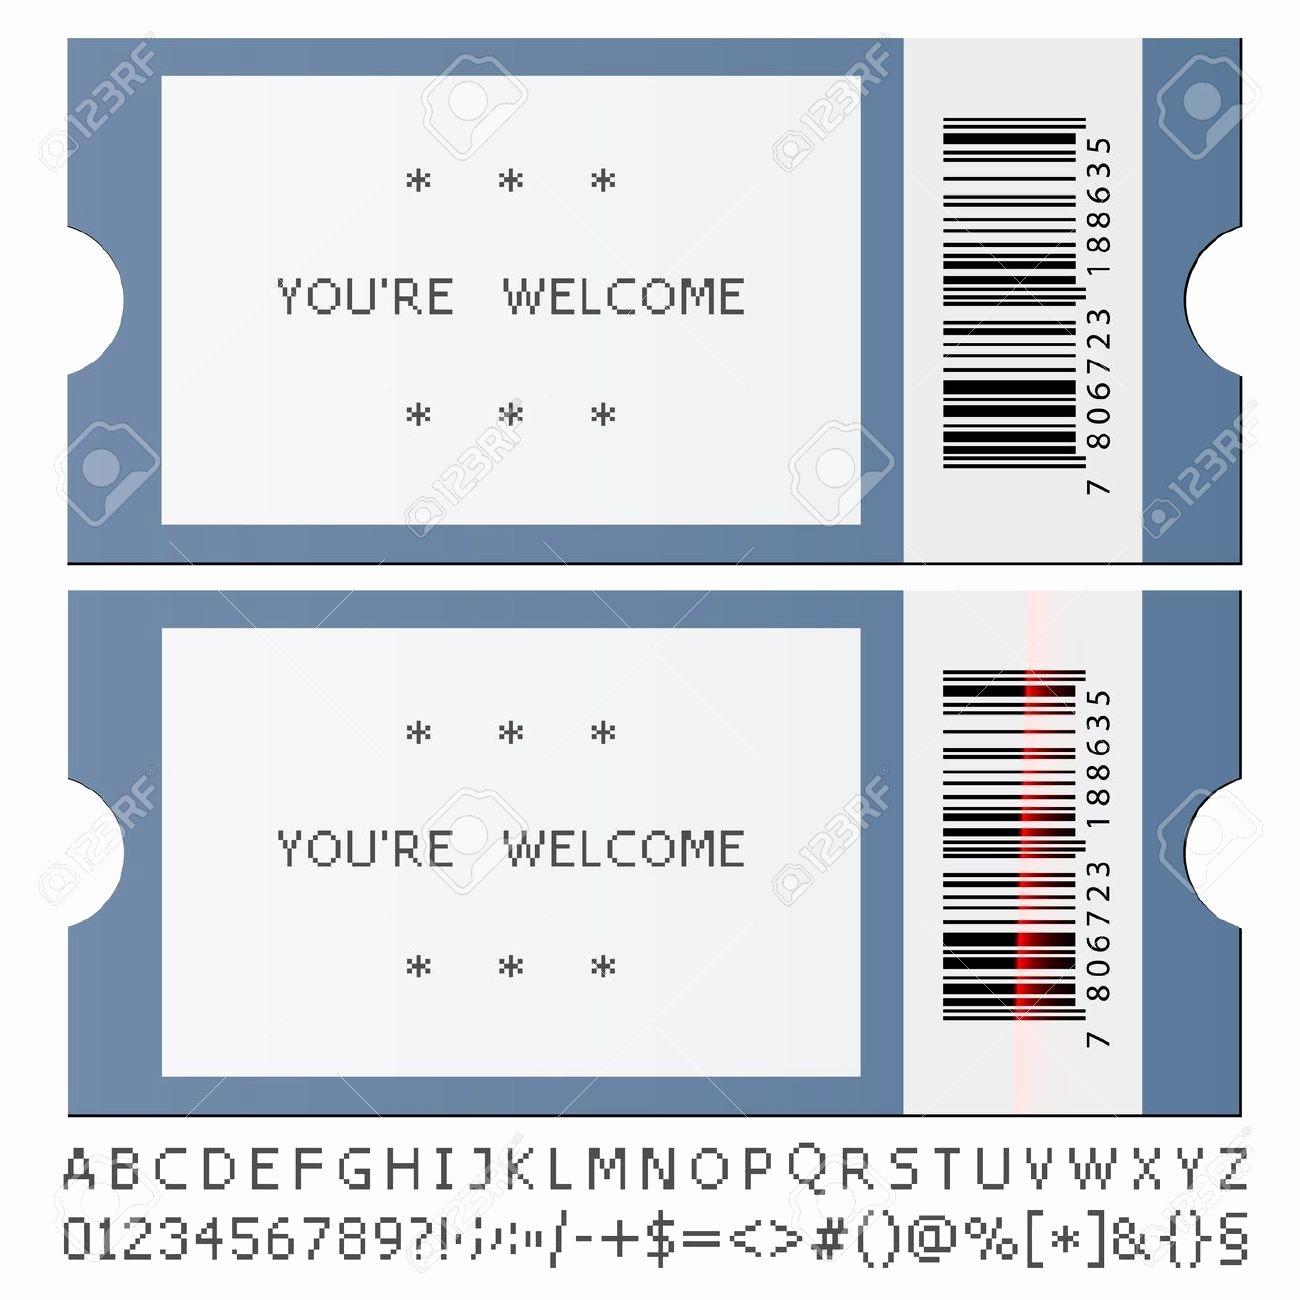 Concert Ticket Template Free Luxury Concert Ticket Template Word Sarahepps